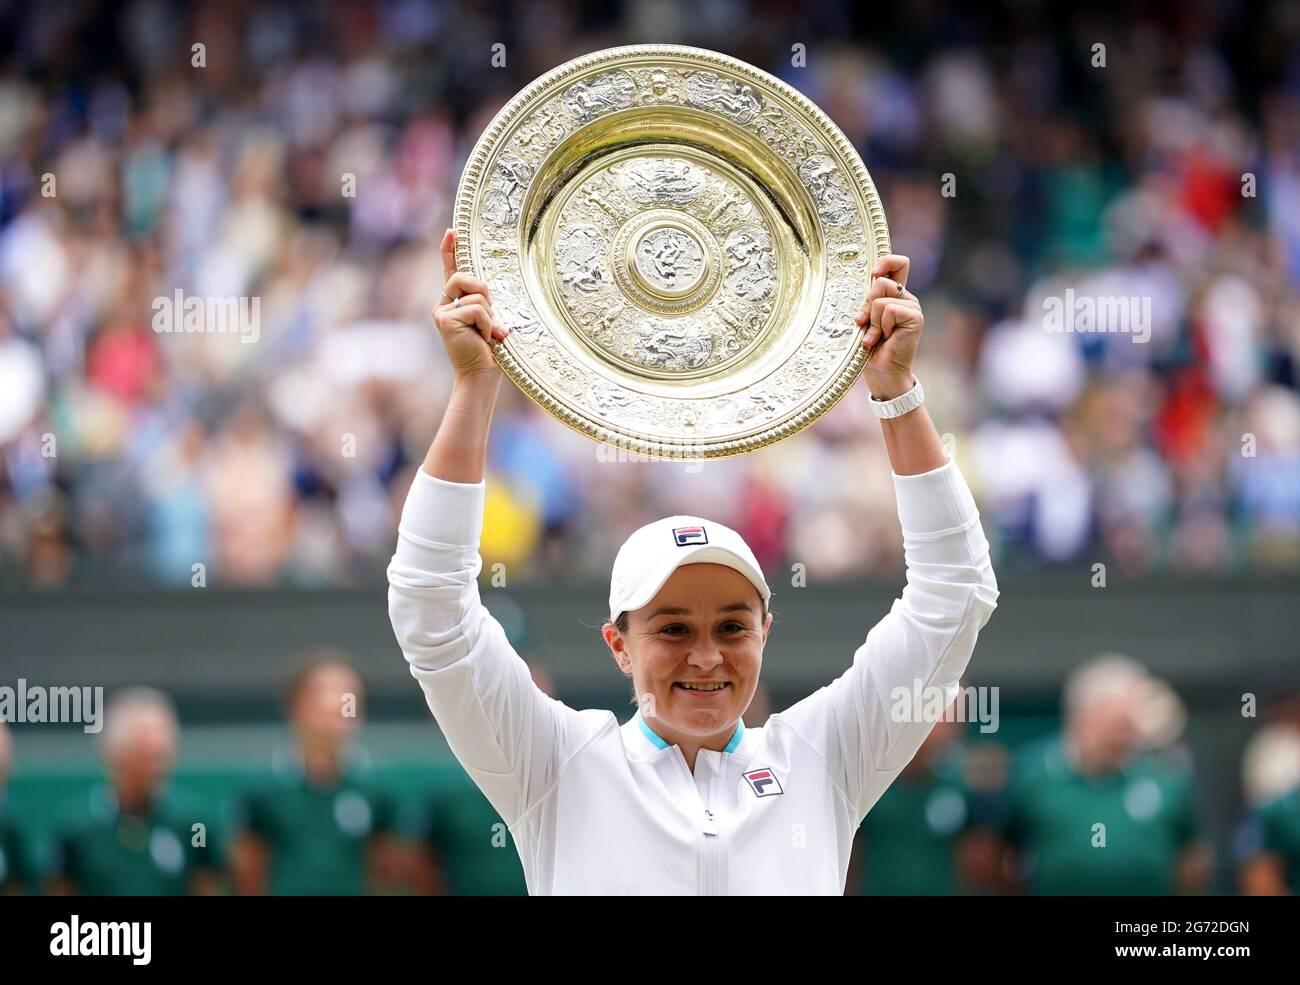 Ashleigh Barty festeggia con il suo trofeo dopo aver vinto la partita finale femminile contro Karolina Pliskova sul campo centrale il giorno 12 di Wimbledon all'All England Lawn Tennis and Croquet Club di Wimbledon. Data immagine: Sabato 10 luglio 2021. Foto Stock